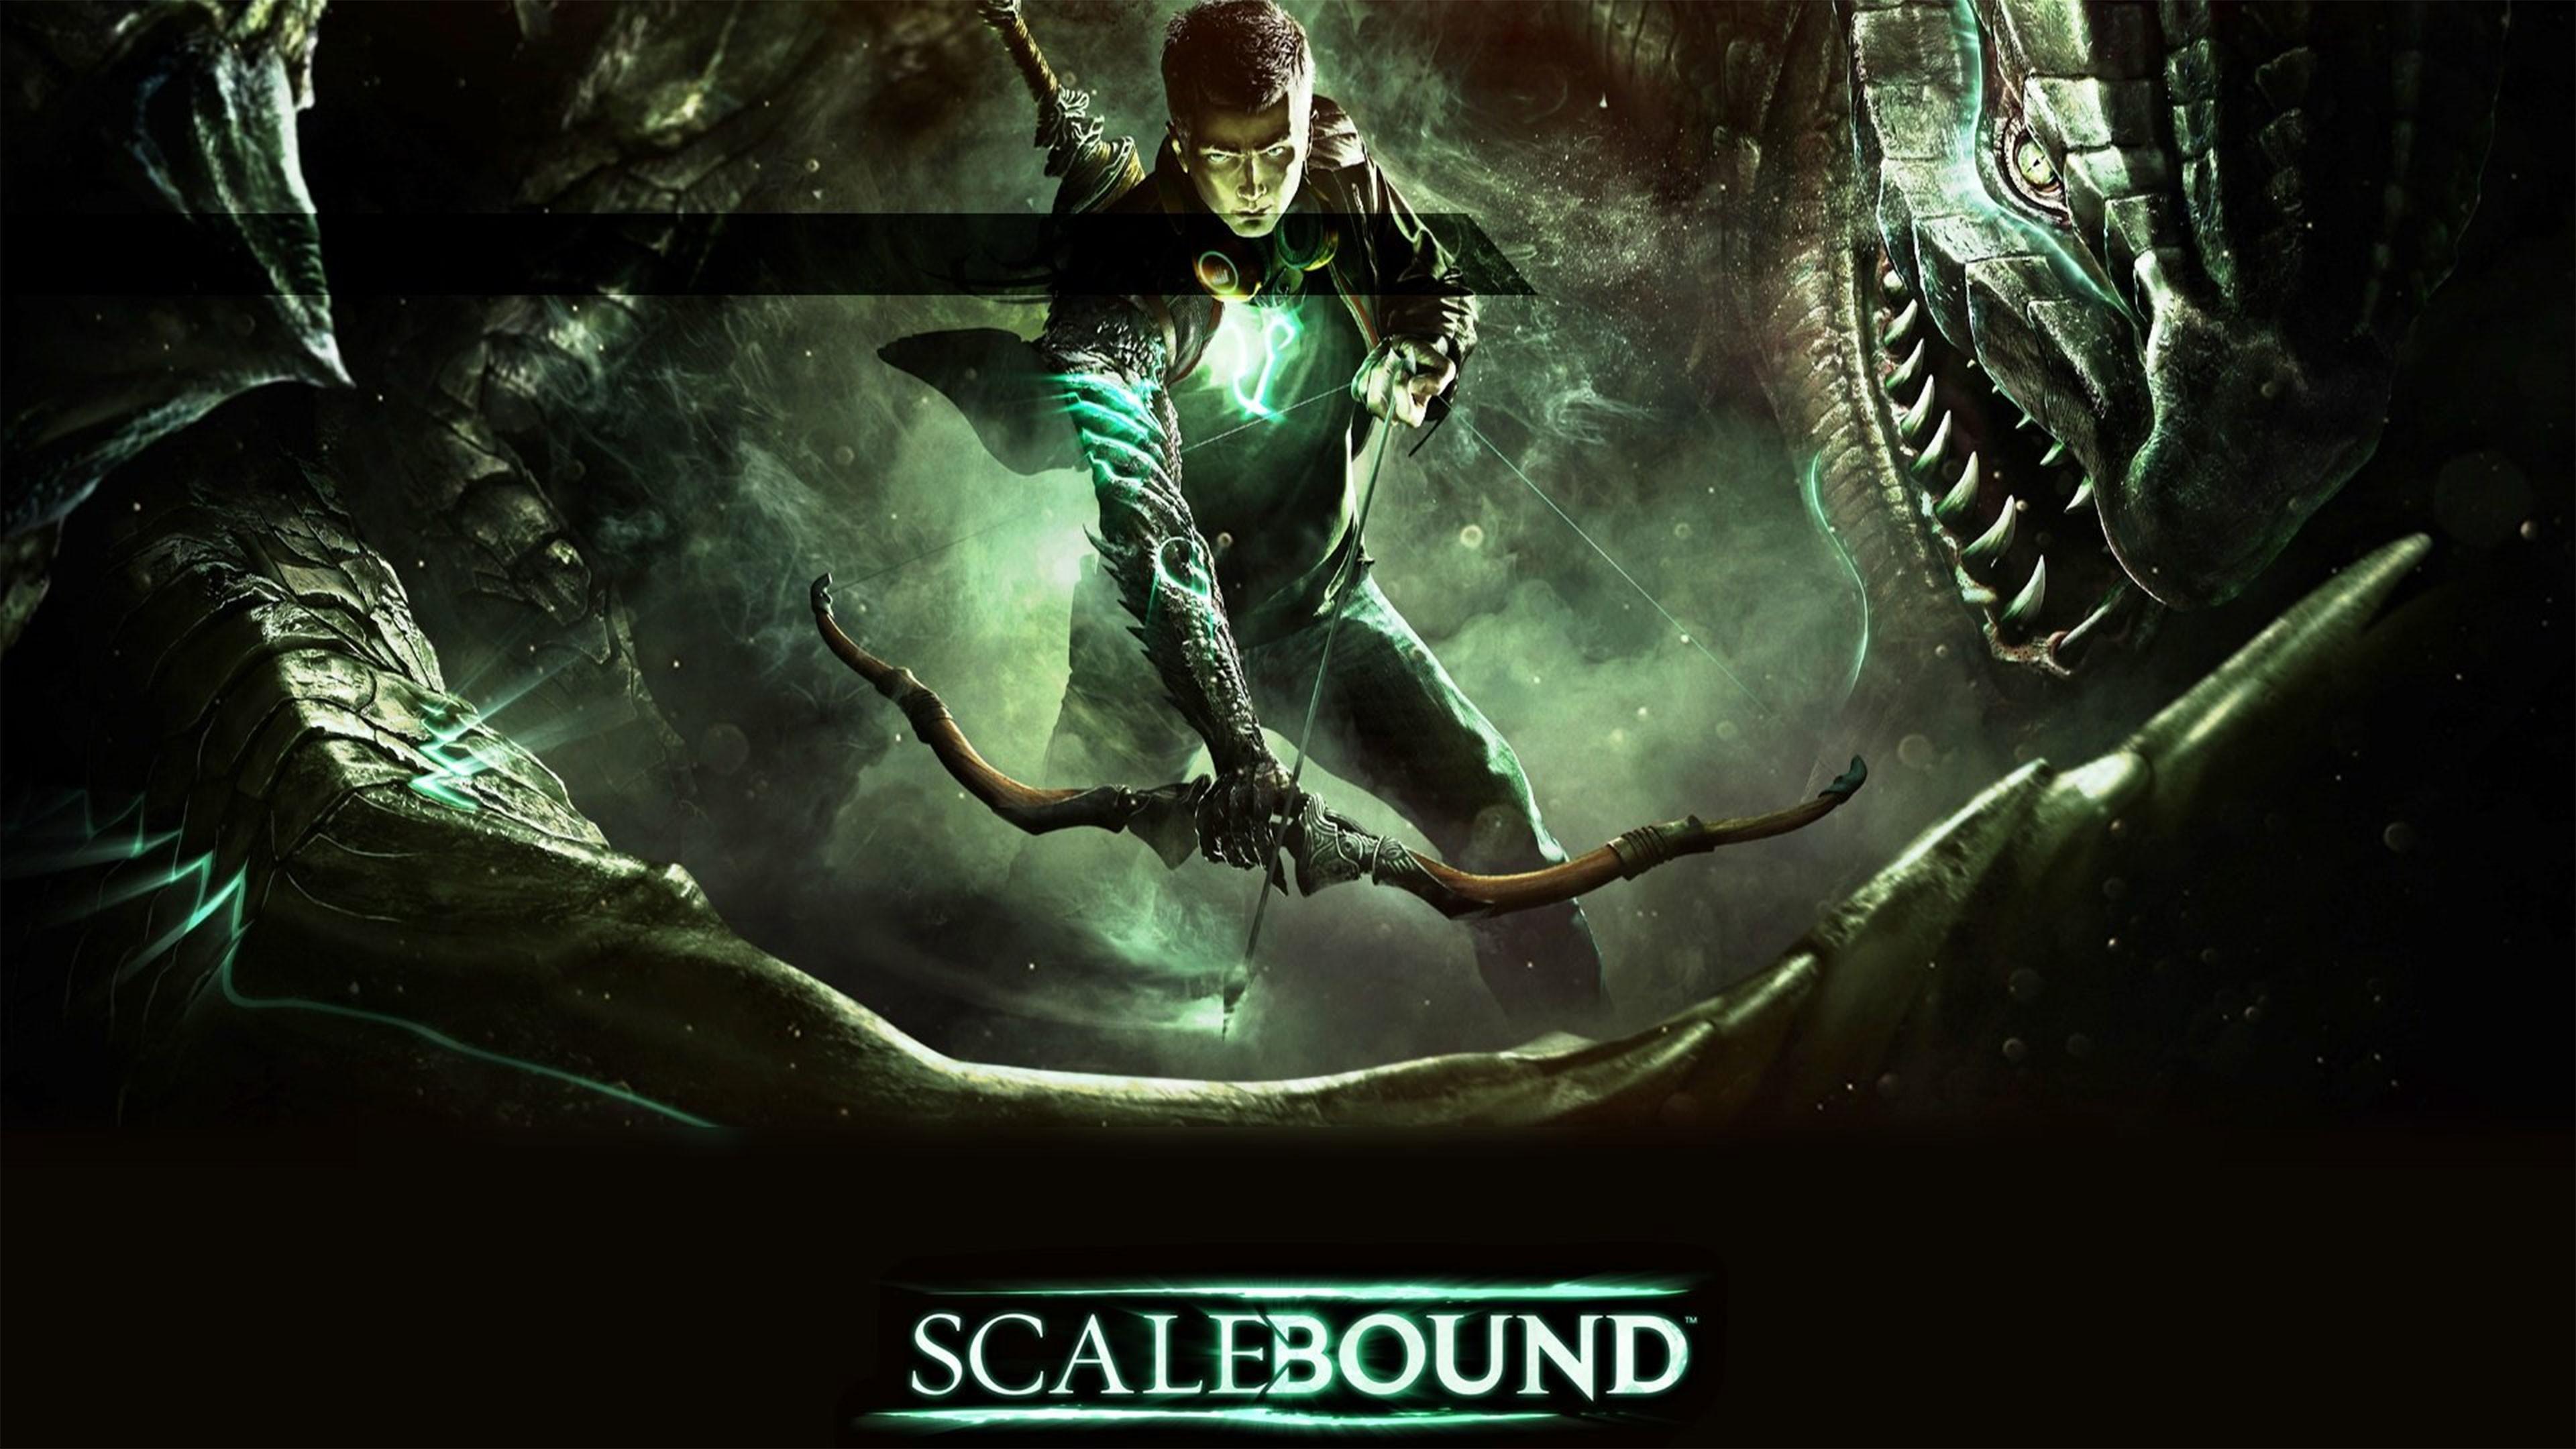 Scalebound 4K Wallpaper …